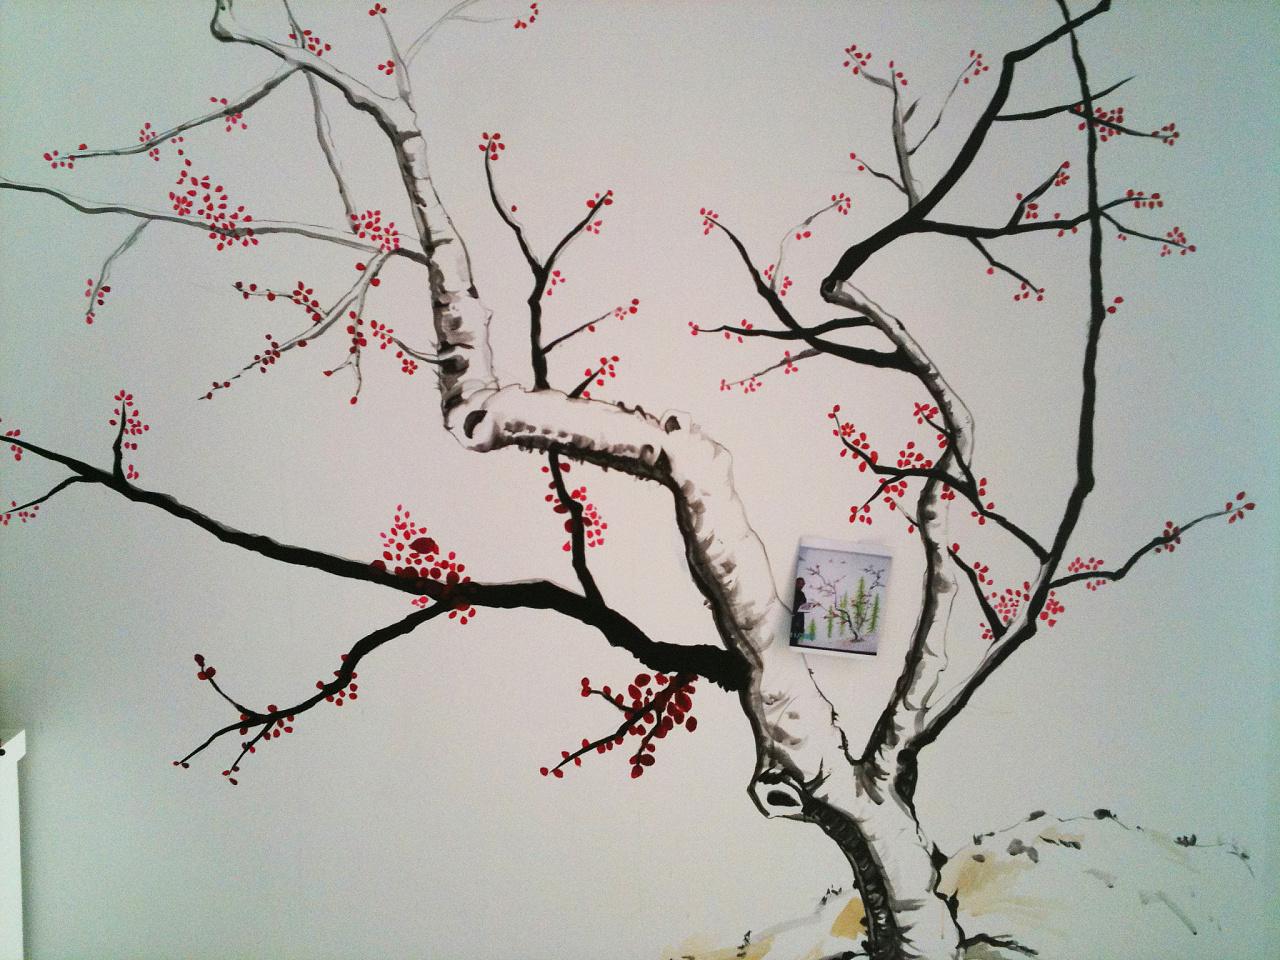 手绘墙画很受欢迎对于制作步骤该如何你知道吗?